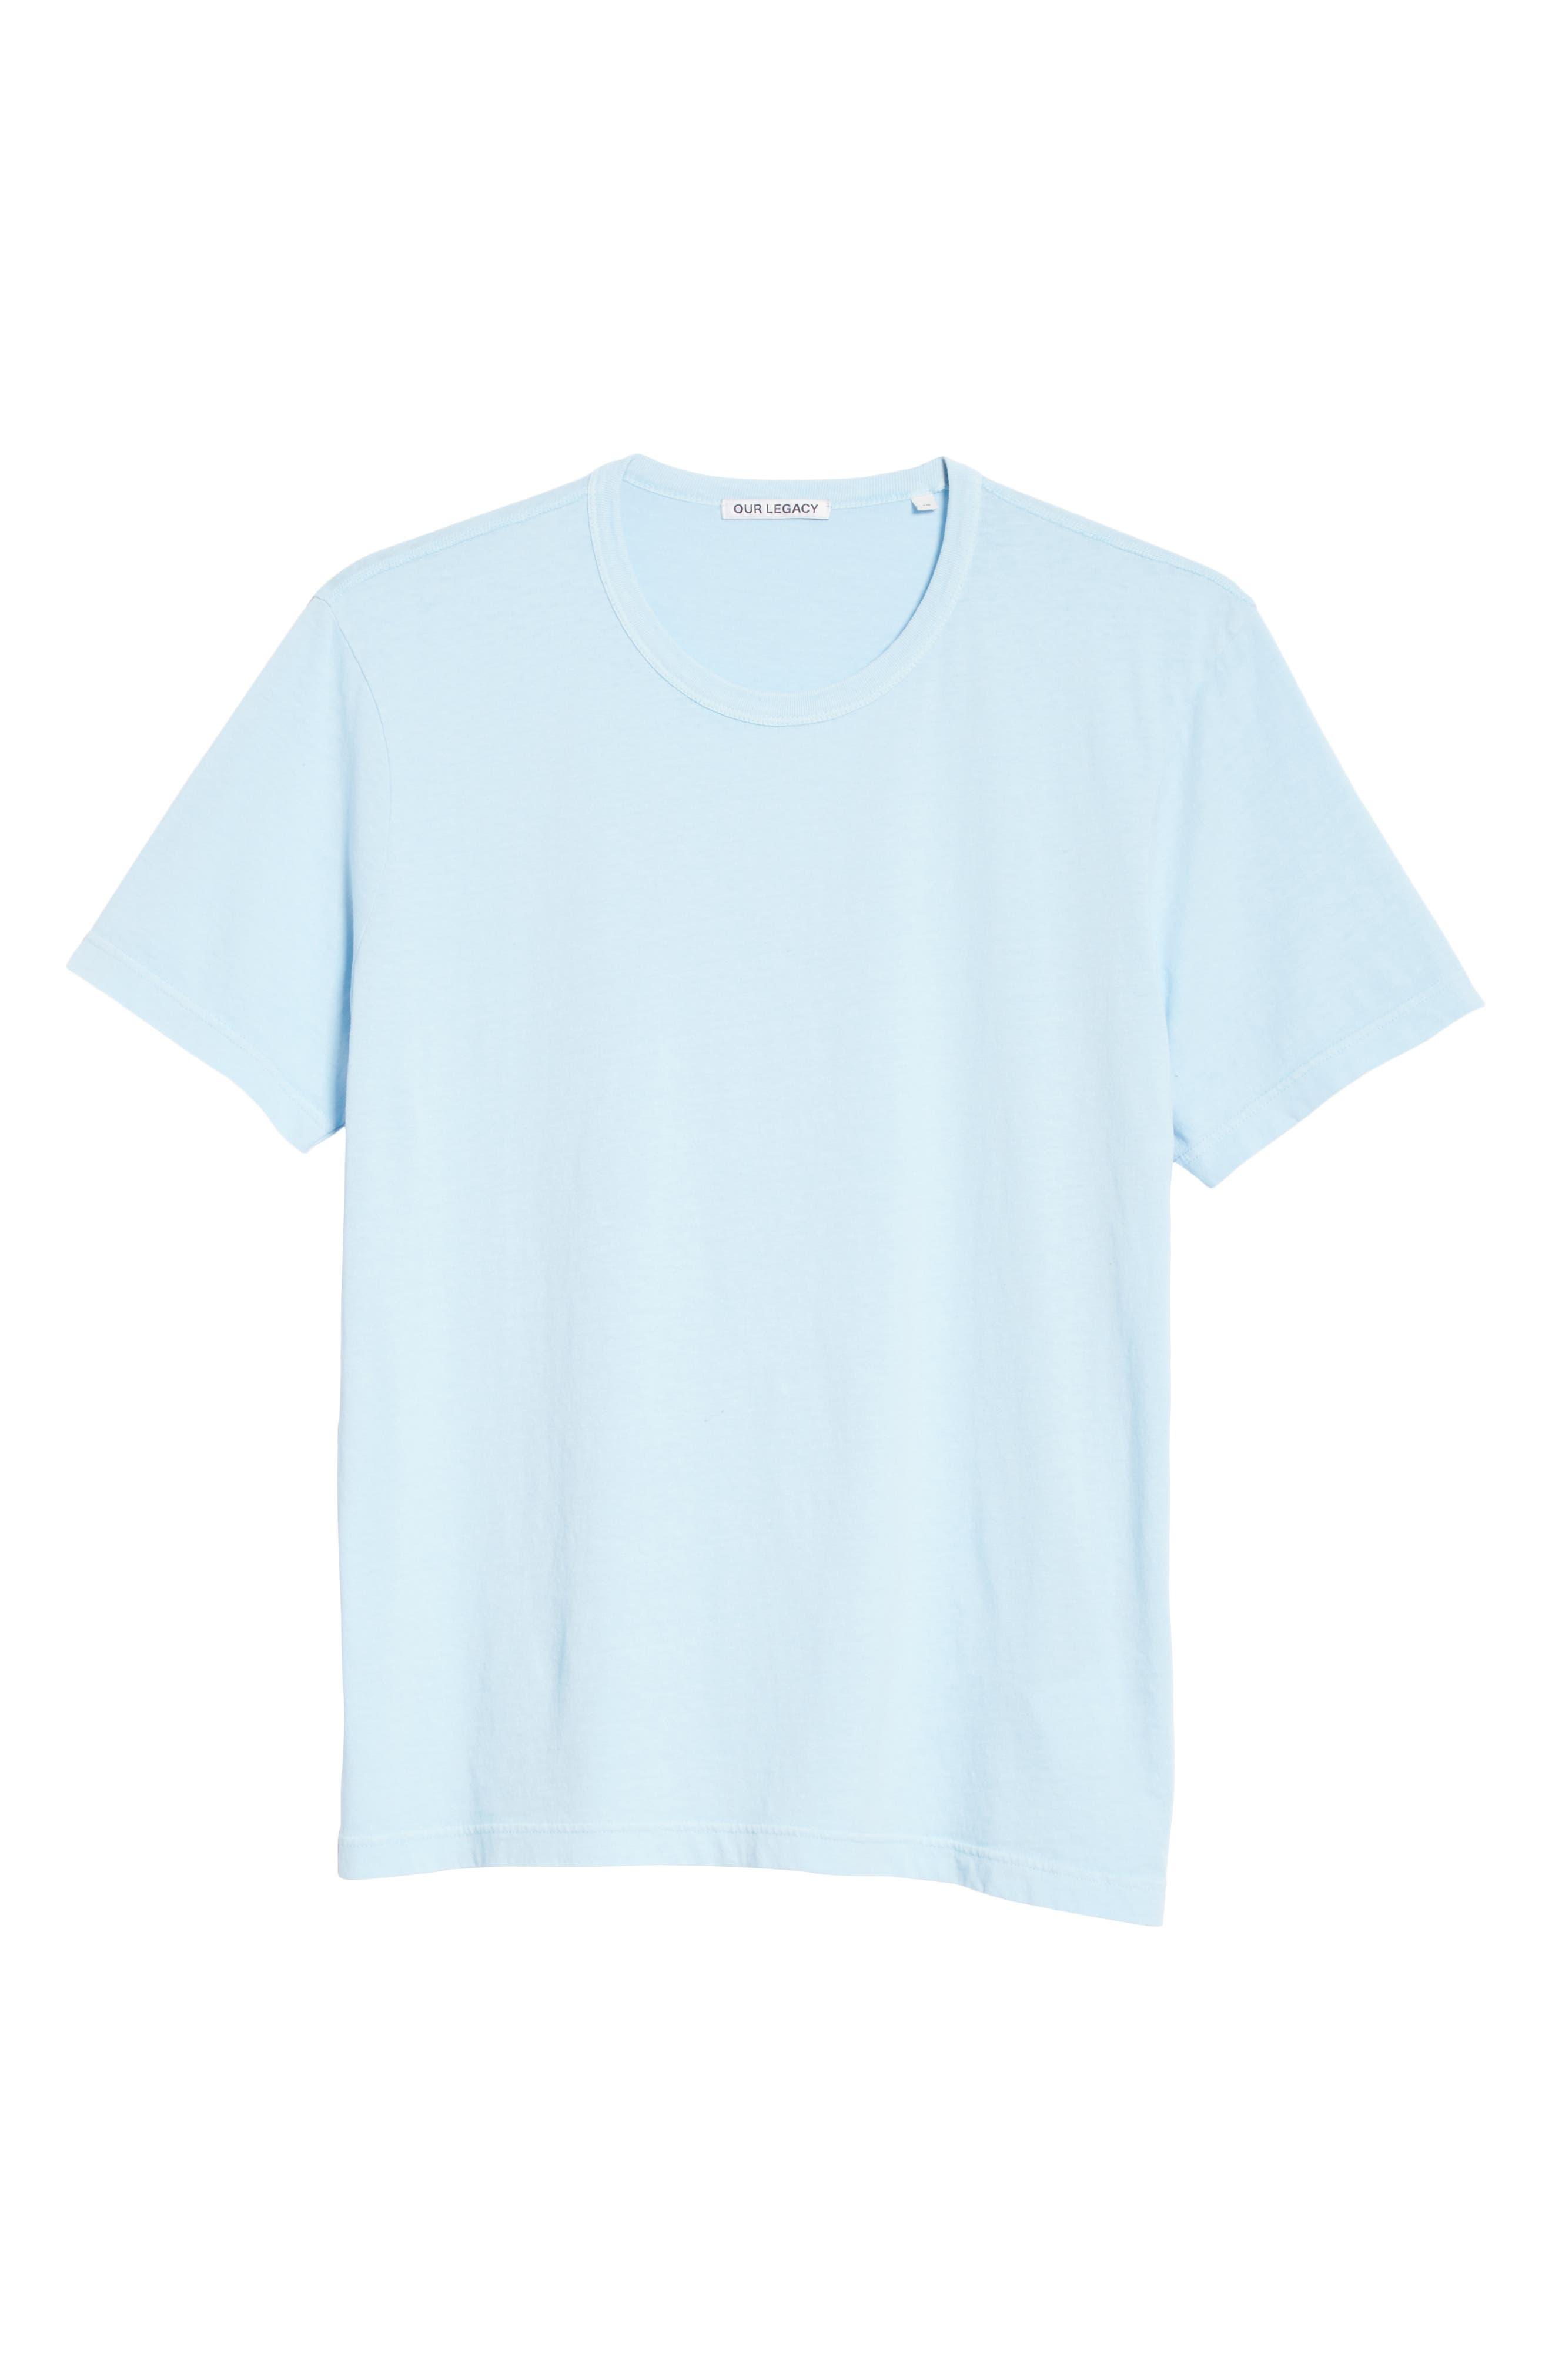 New Box T-Shirt,                             Alternate thumbnail 6, color,                             LIGHT BLUE